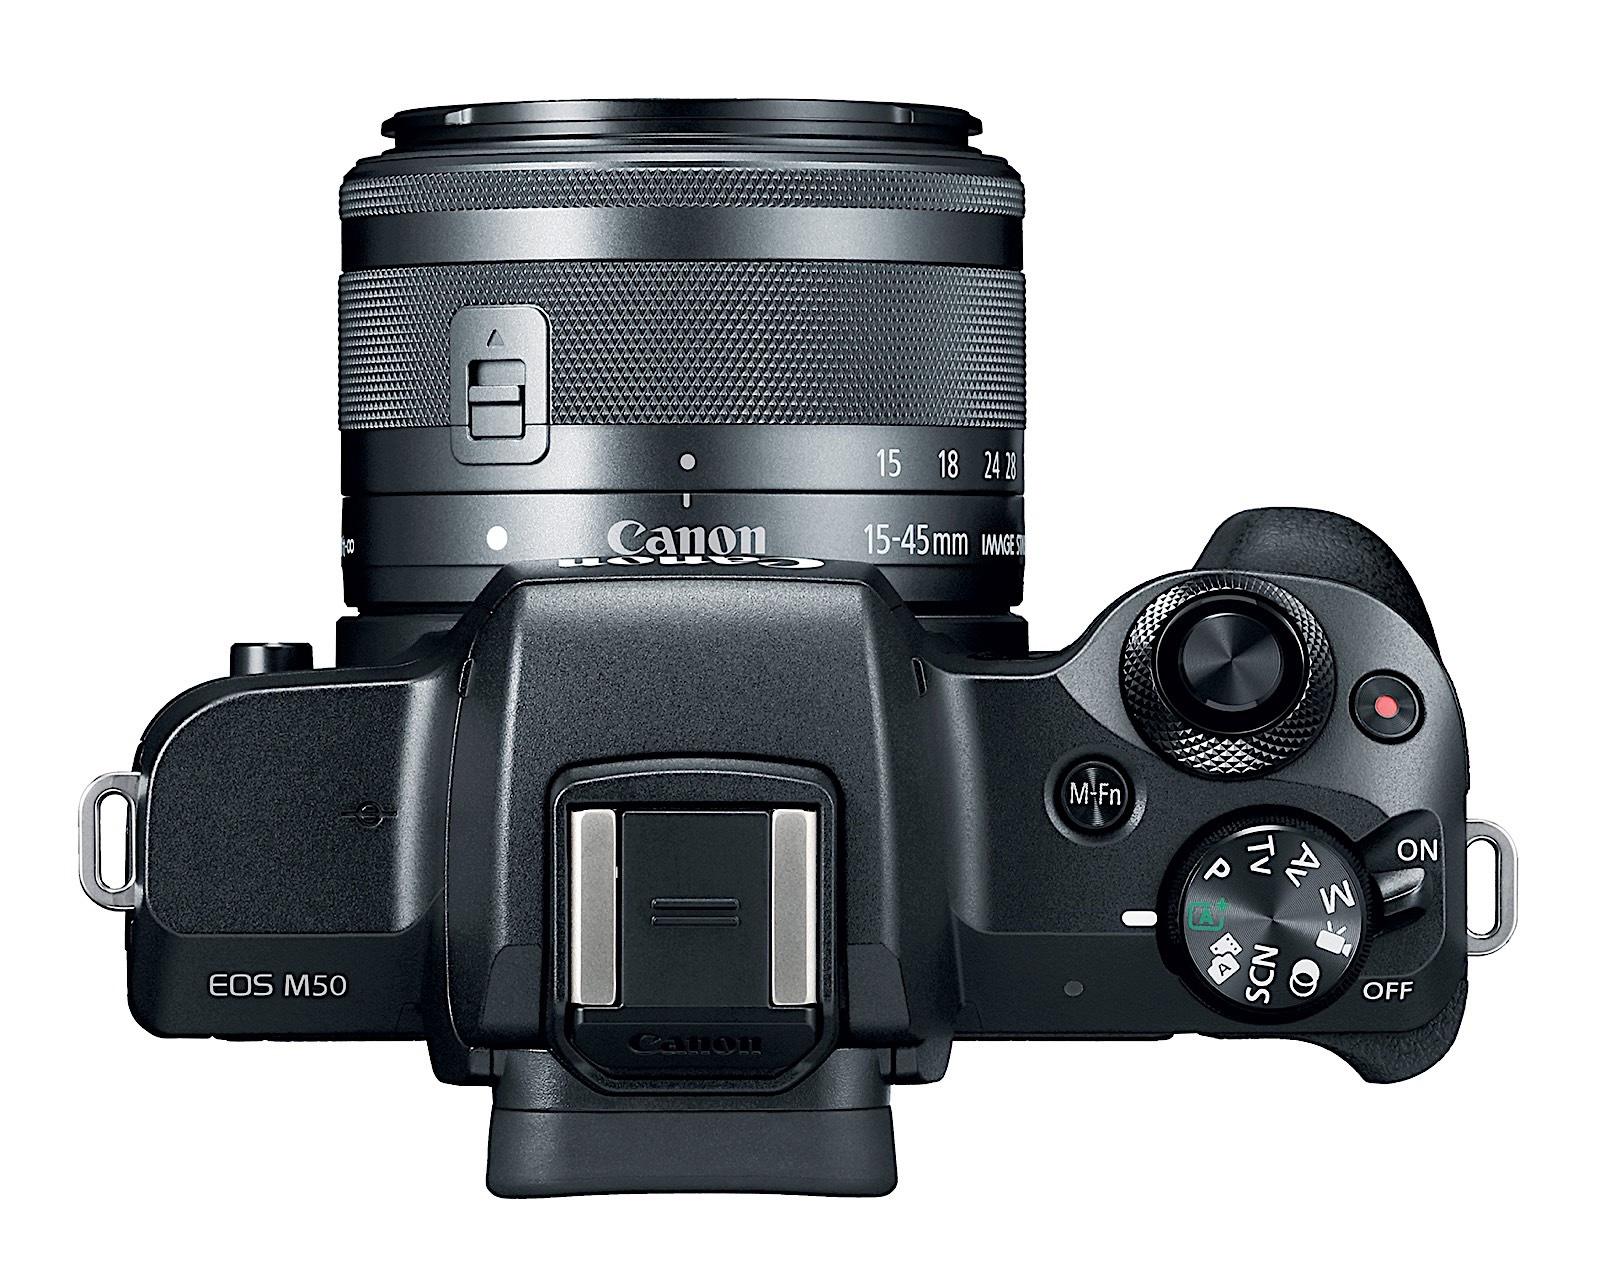 hr-eos-m50-black-efm15-45-stm-3qflash-cl-1.jpg